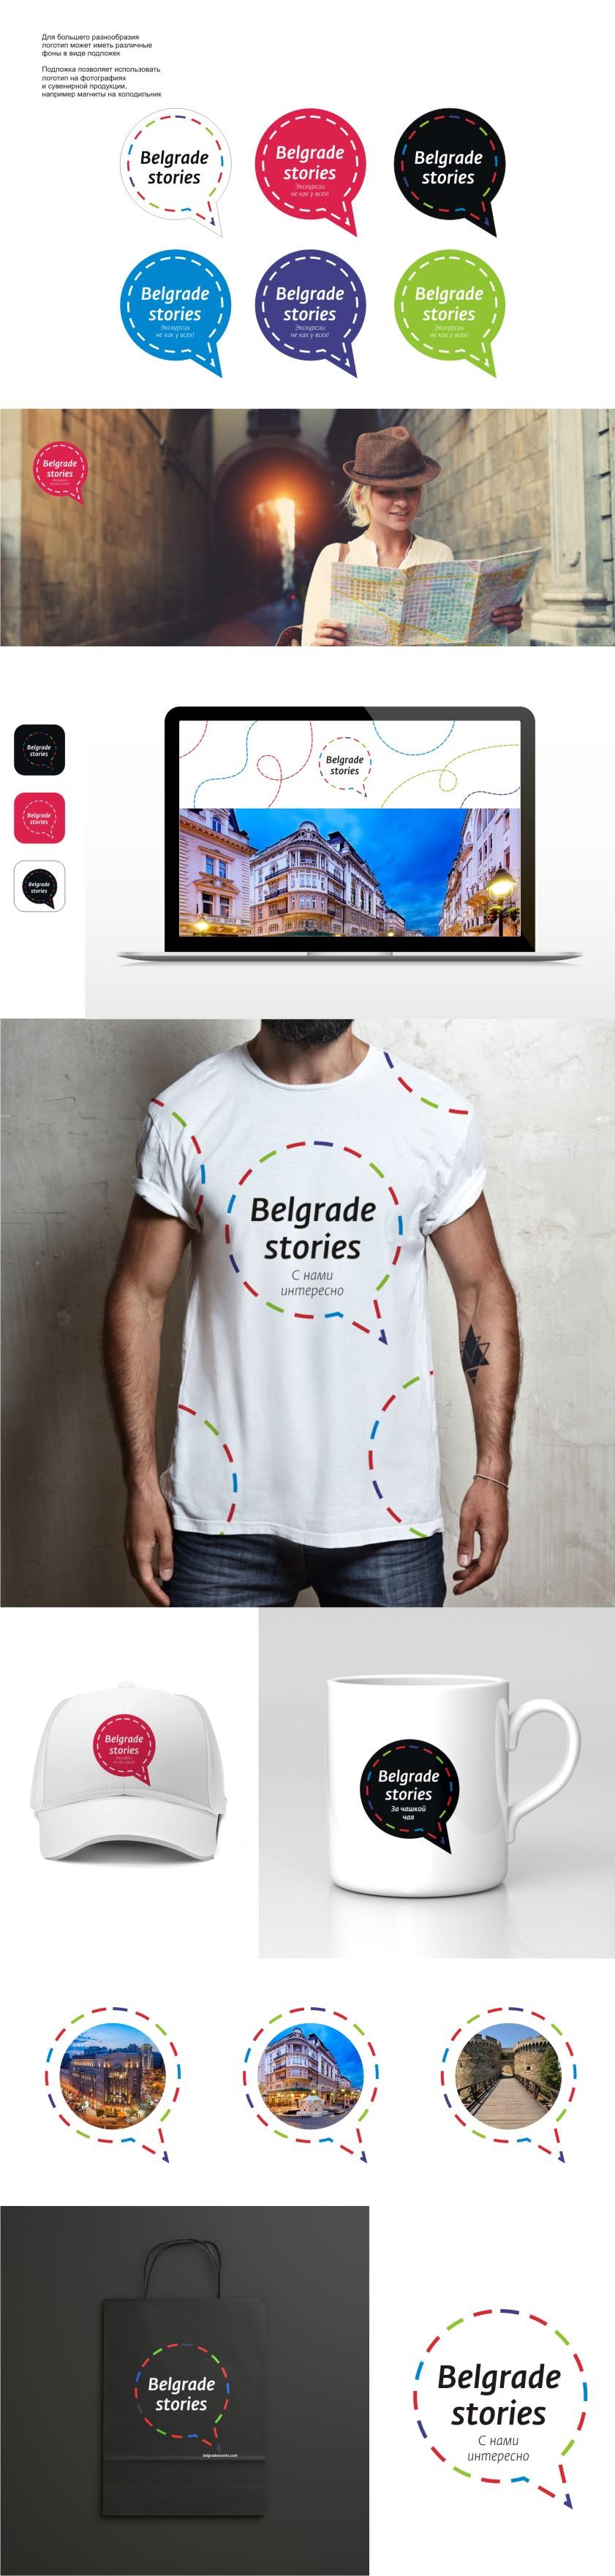 Логотип для агентства городских туров в Белграде фото f_359589429206c1d8.jpg